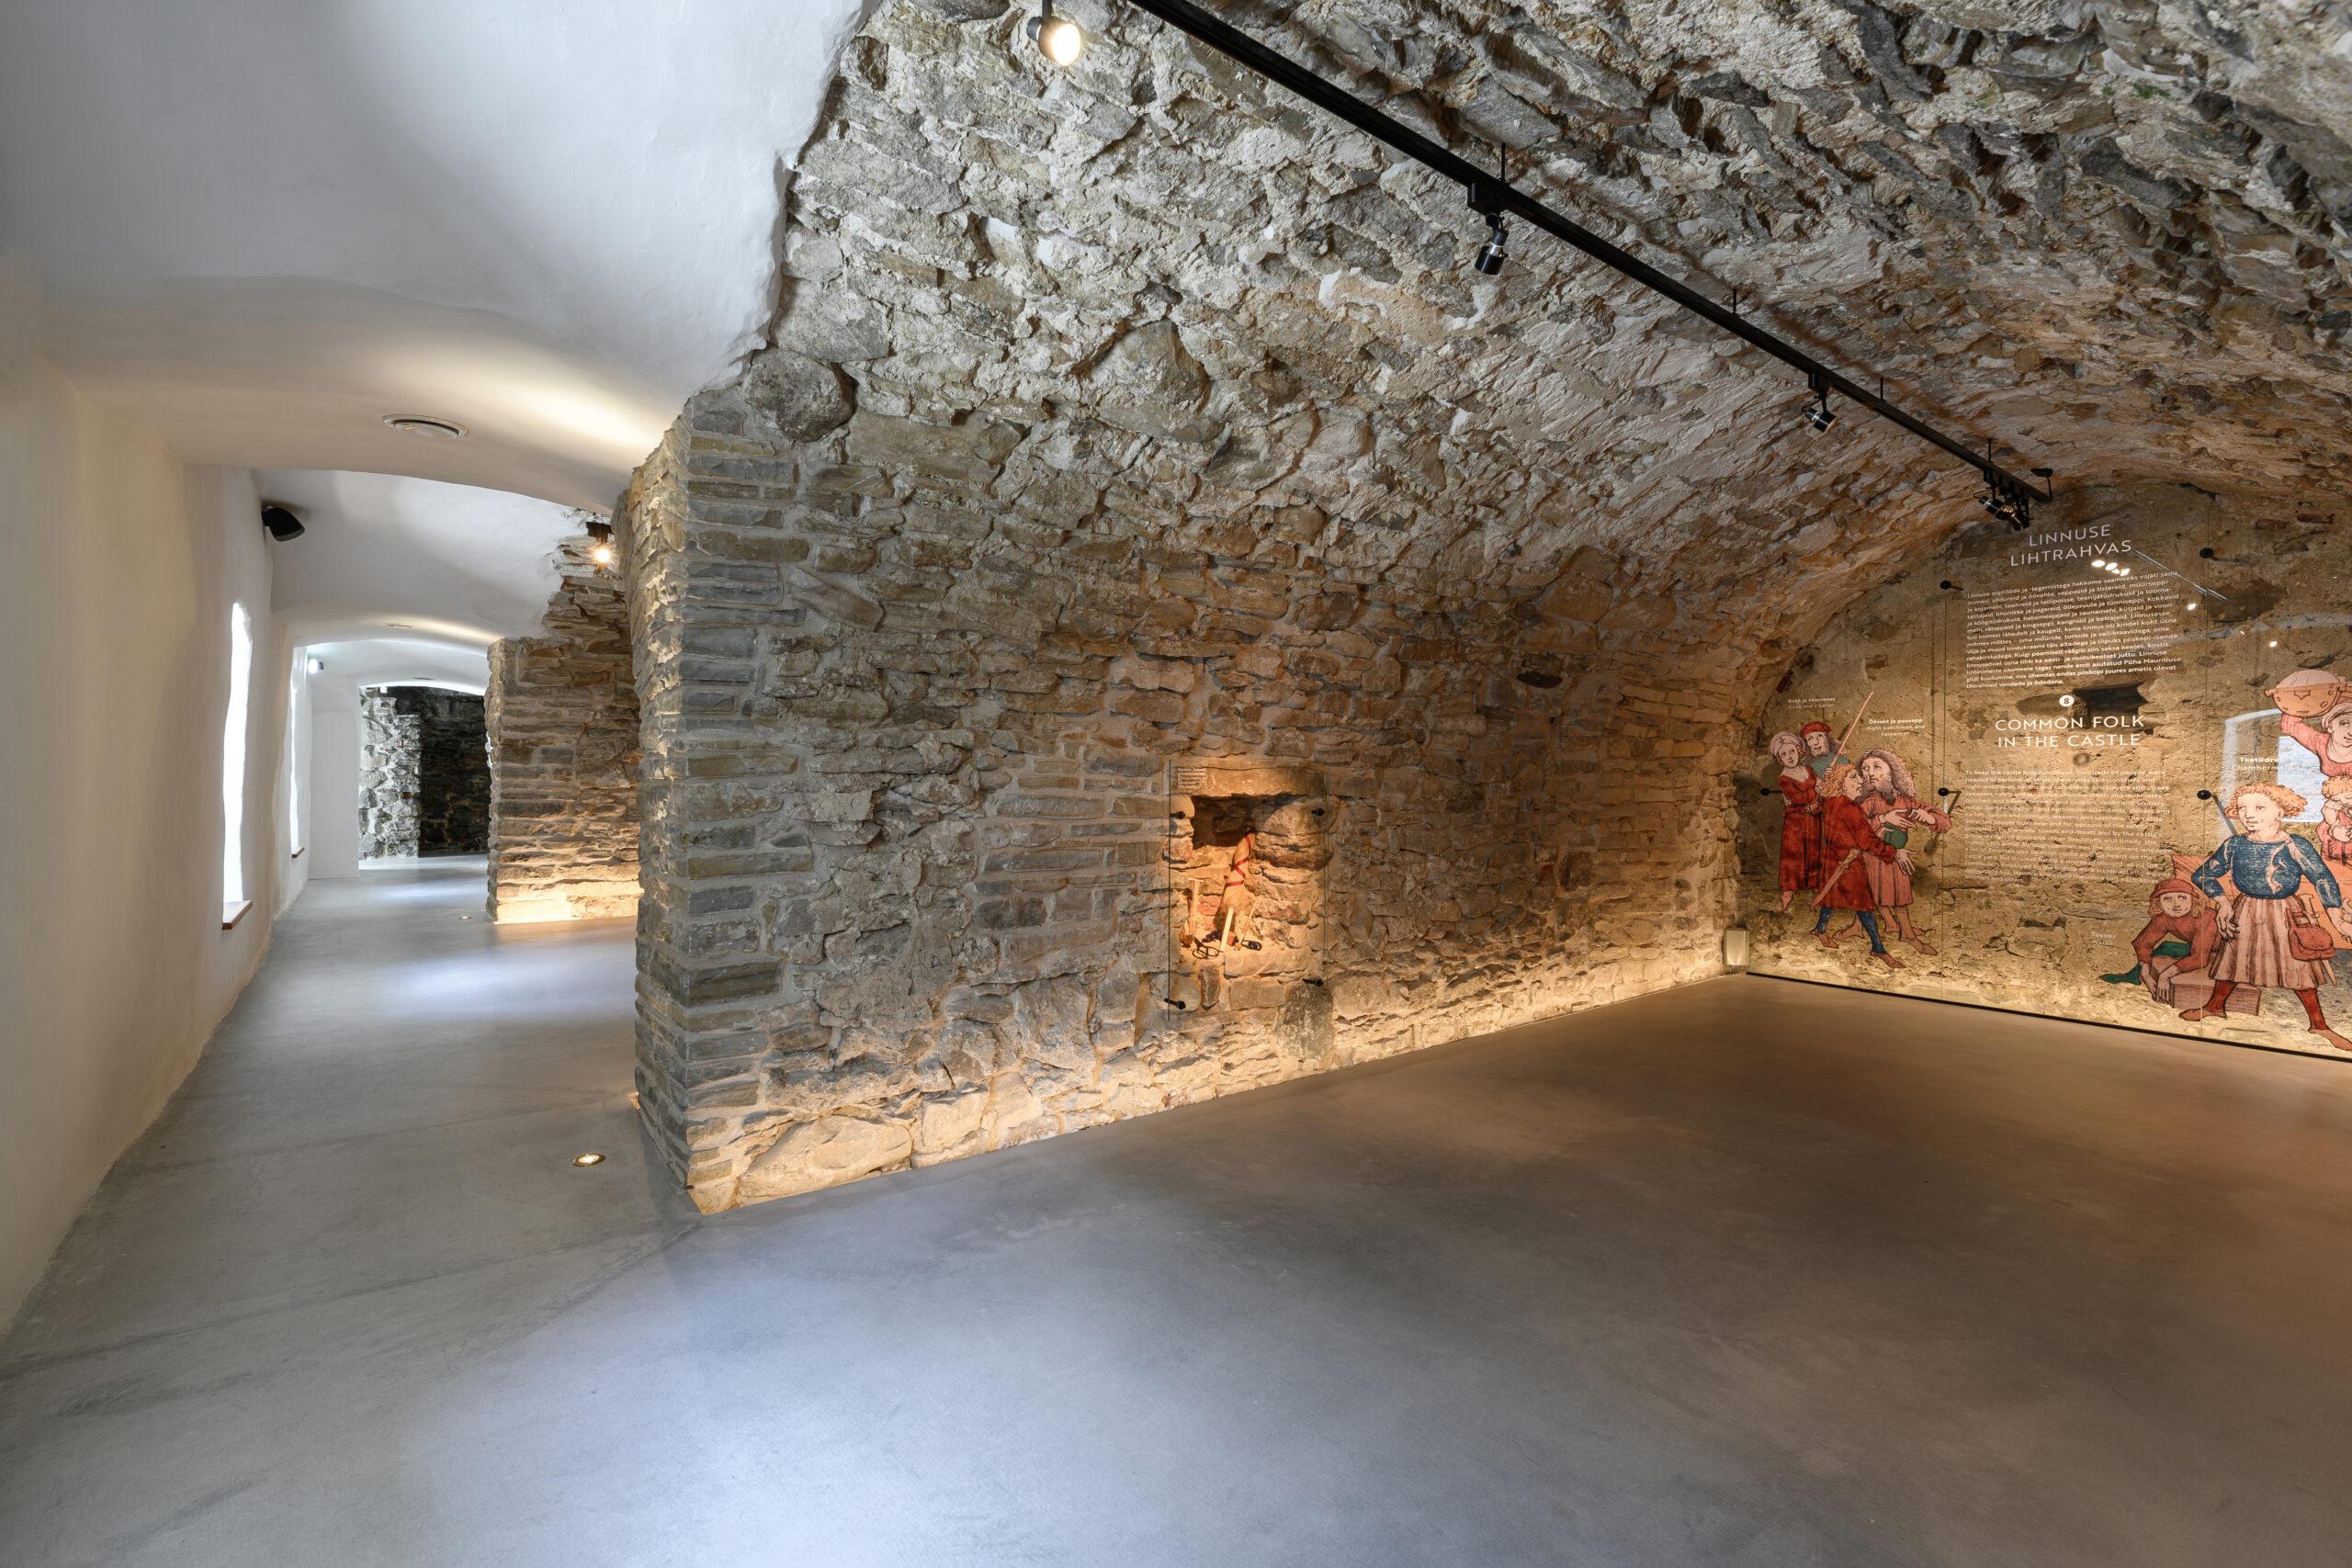 Haapsalu linnus on nomineeritud Euroopa Liidu Mies van der Rohe kaasaegse arhitektuuri preemiale